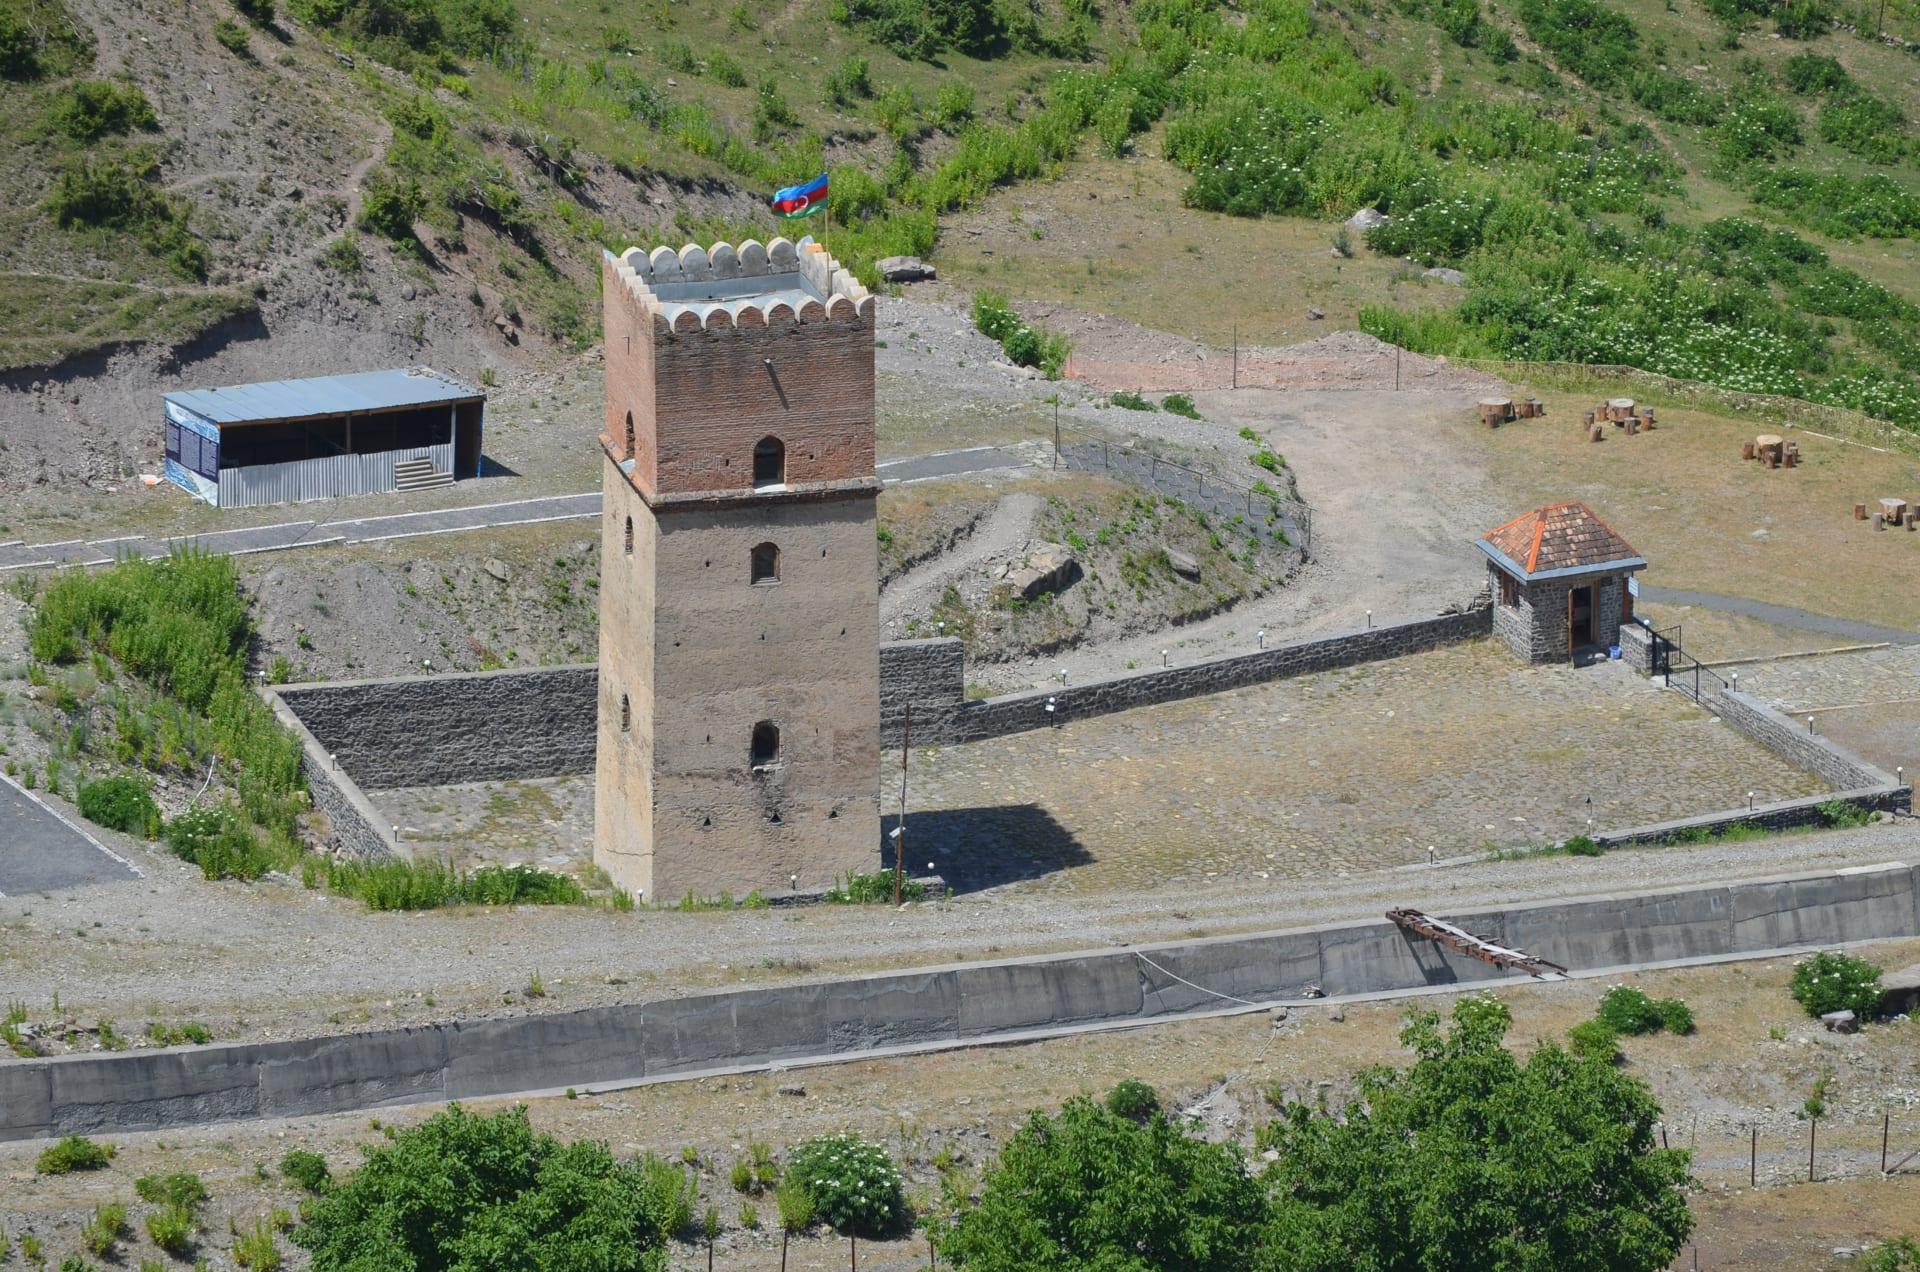 في هذه القلعة بأذربيجان.. كان الخان يعدم عشيقاته غير المخلصات